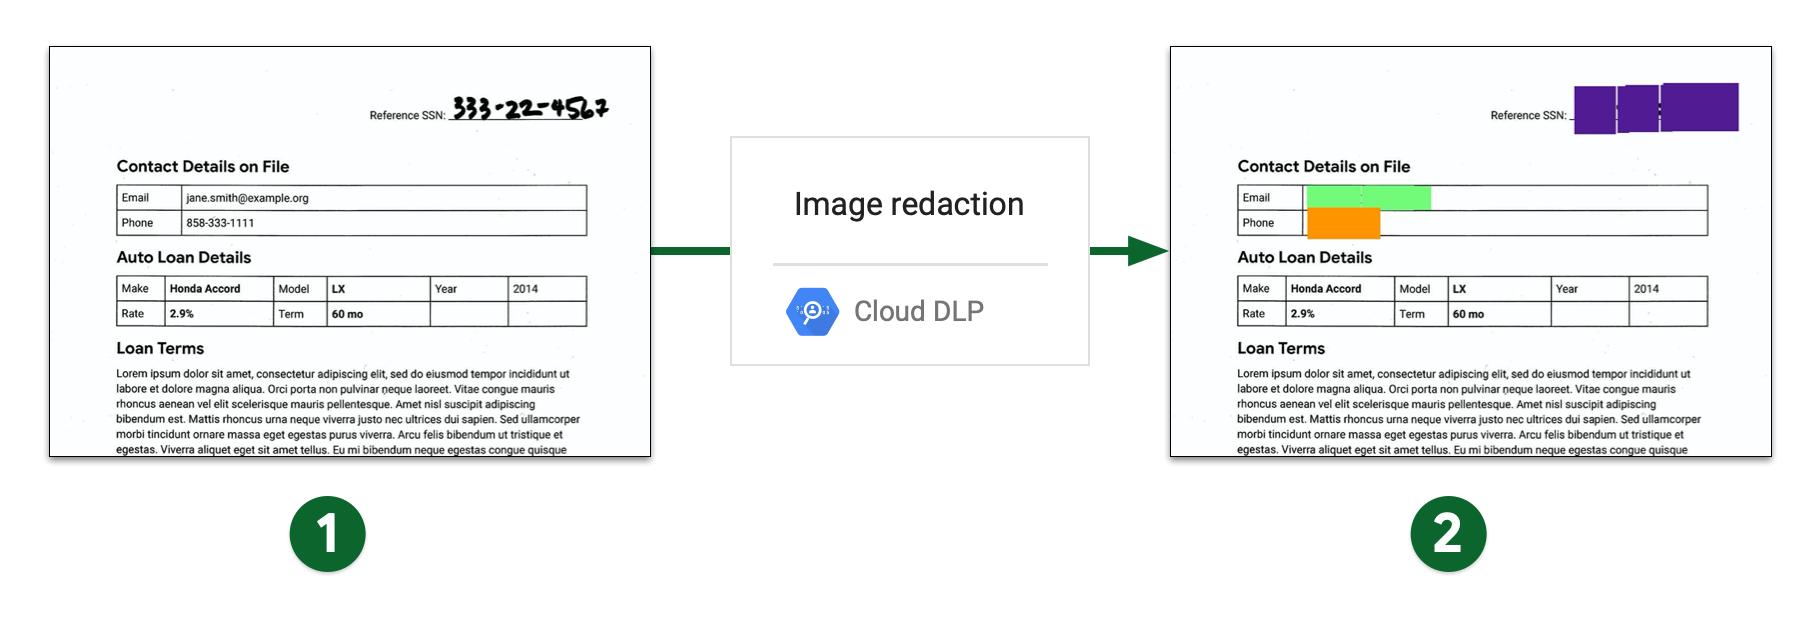 Bild vor und nach dem Entfernen von Daten (zum Vergrößern klicken)